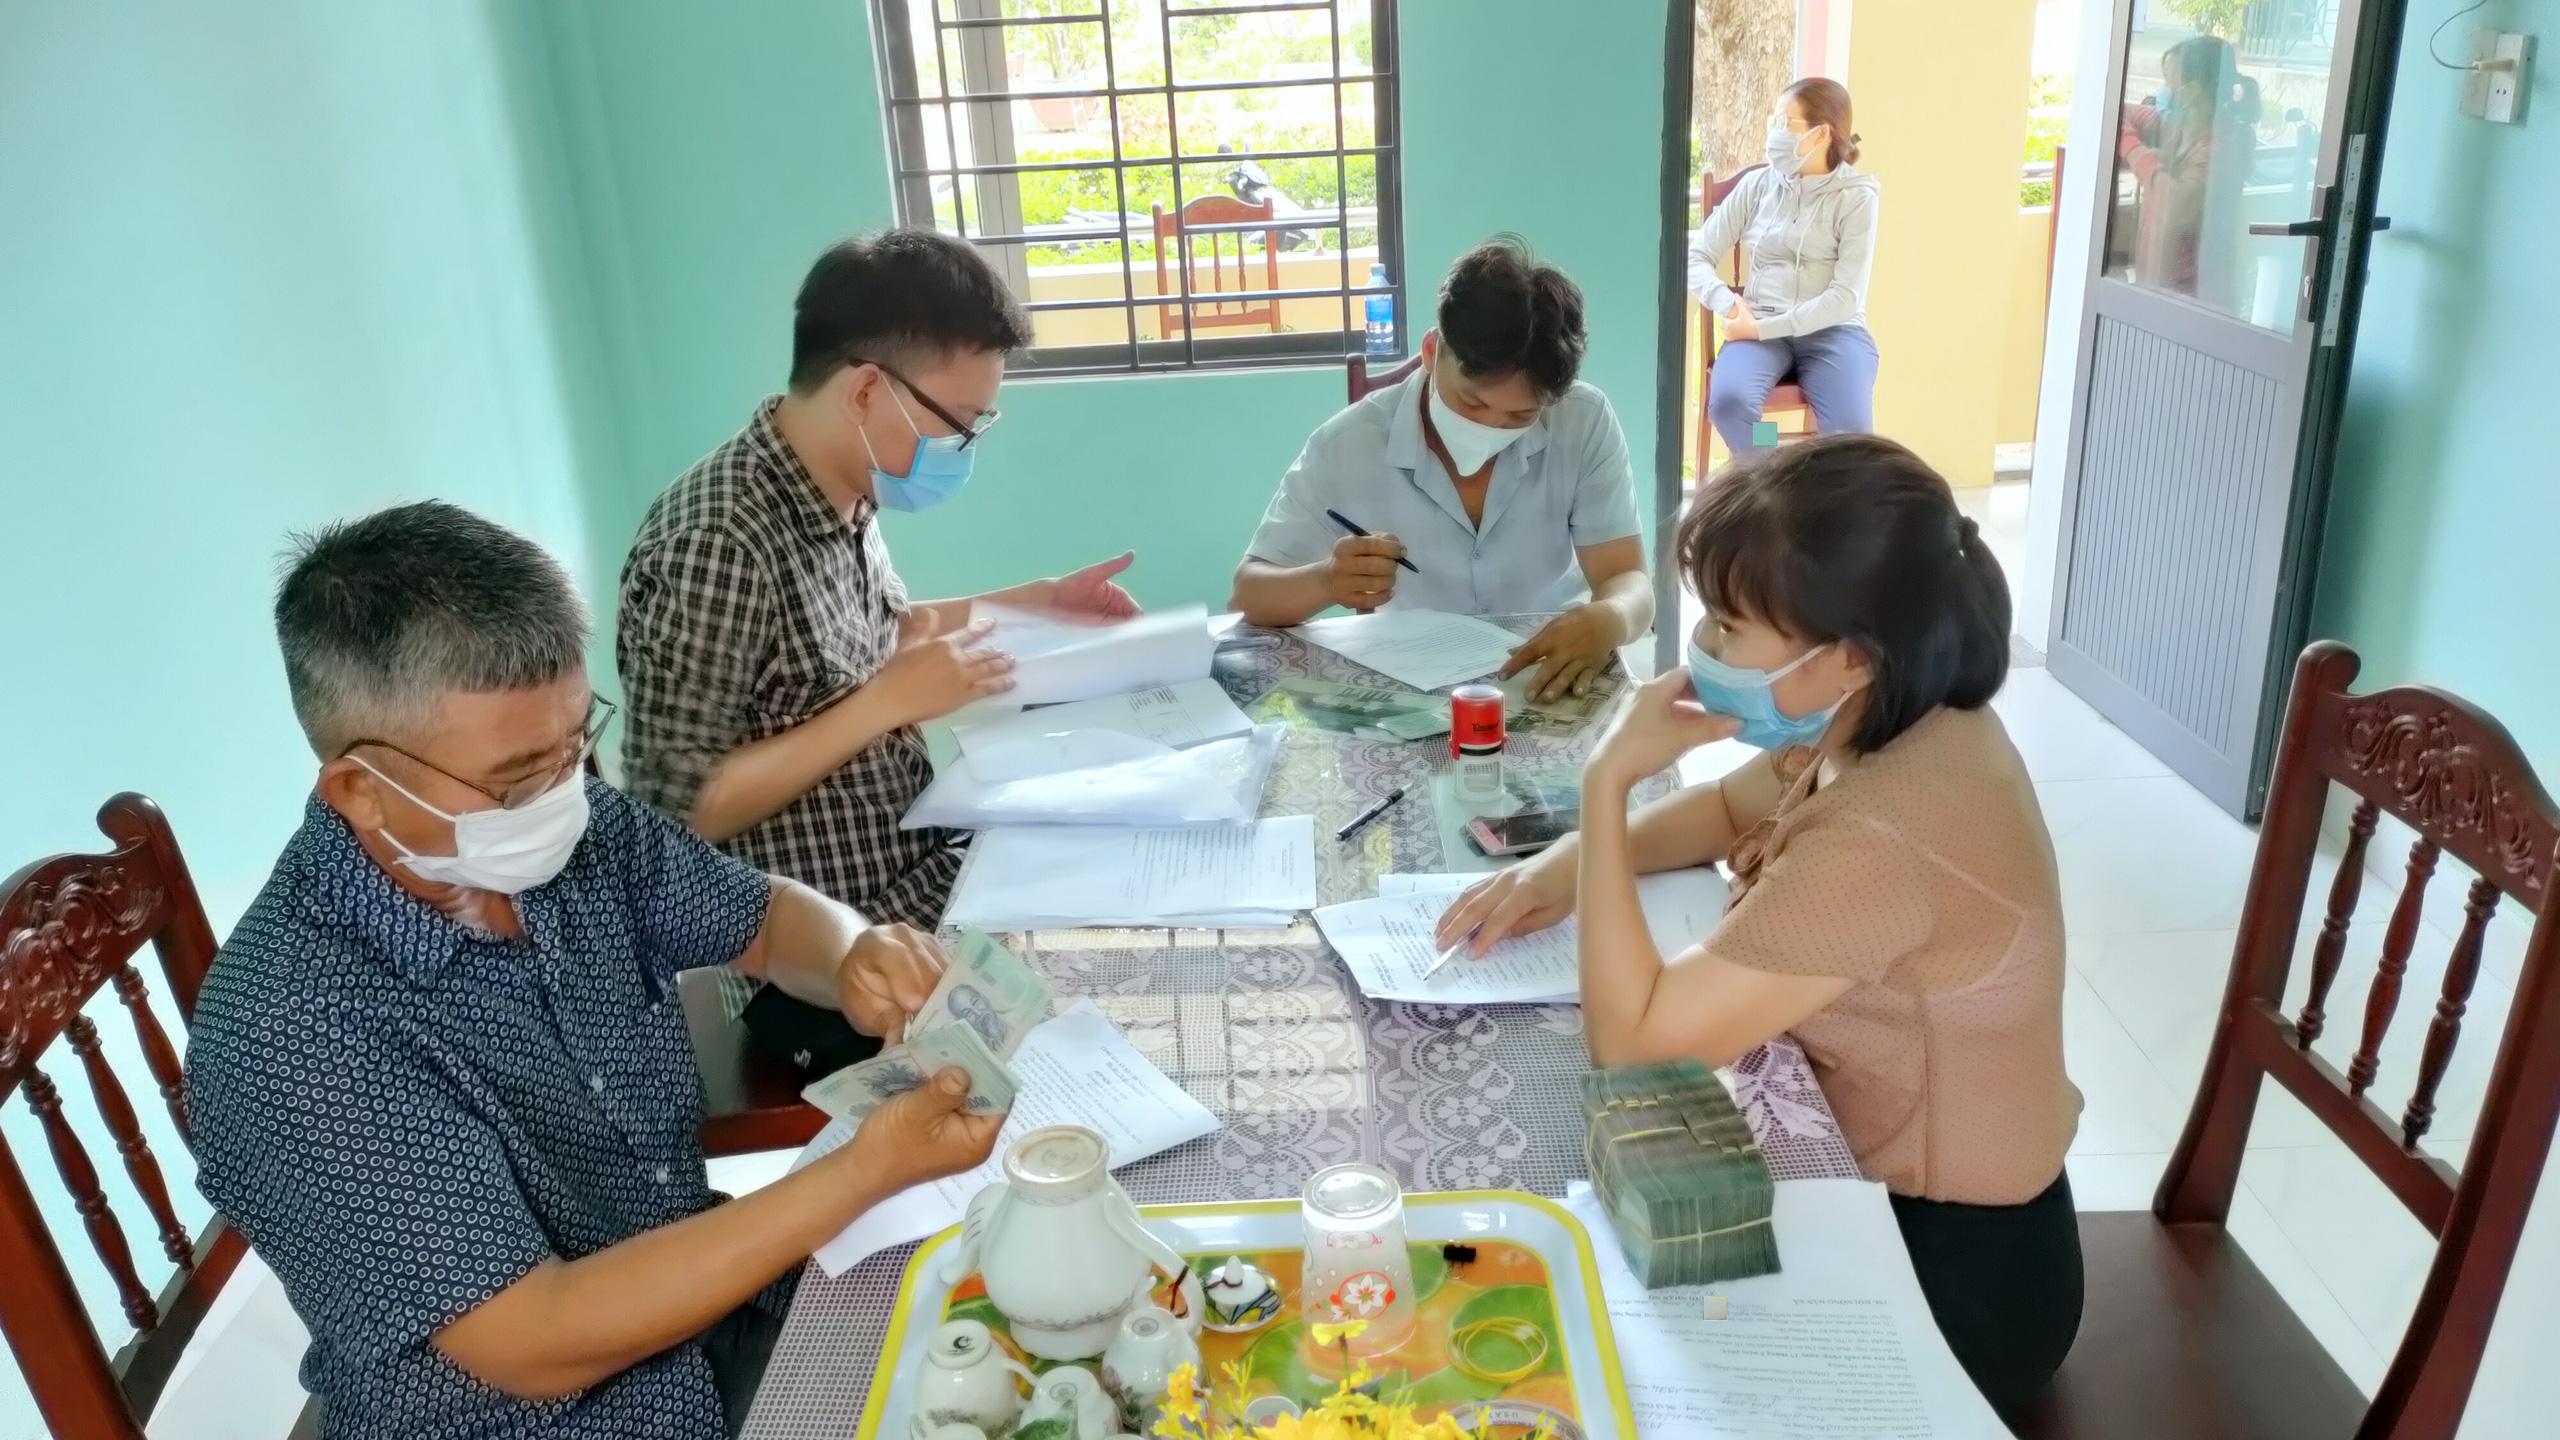 Quảng Nam: HND Điện Bàn giải ngân 1,5 tỷ Quỹ Hỗ trợ nông dân cho 20 hộ vay - Ảnh 1.